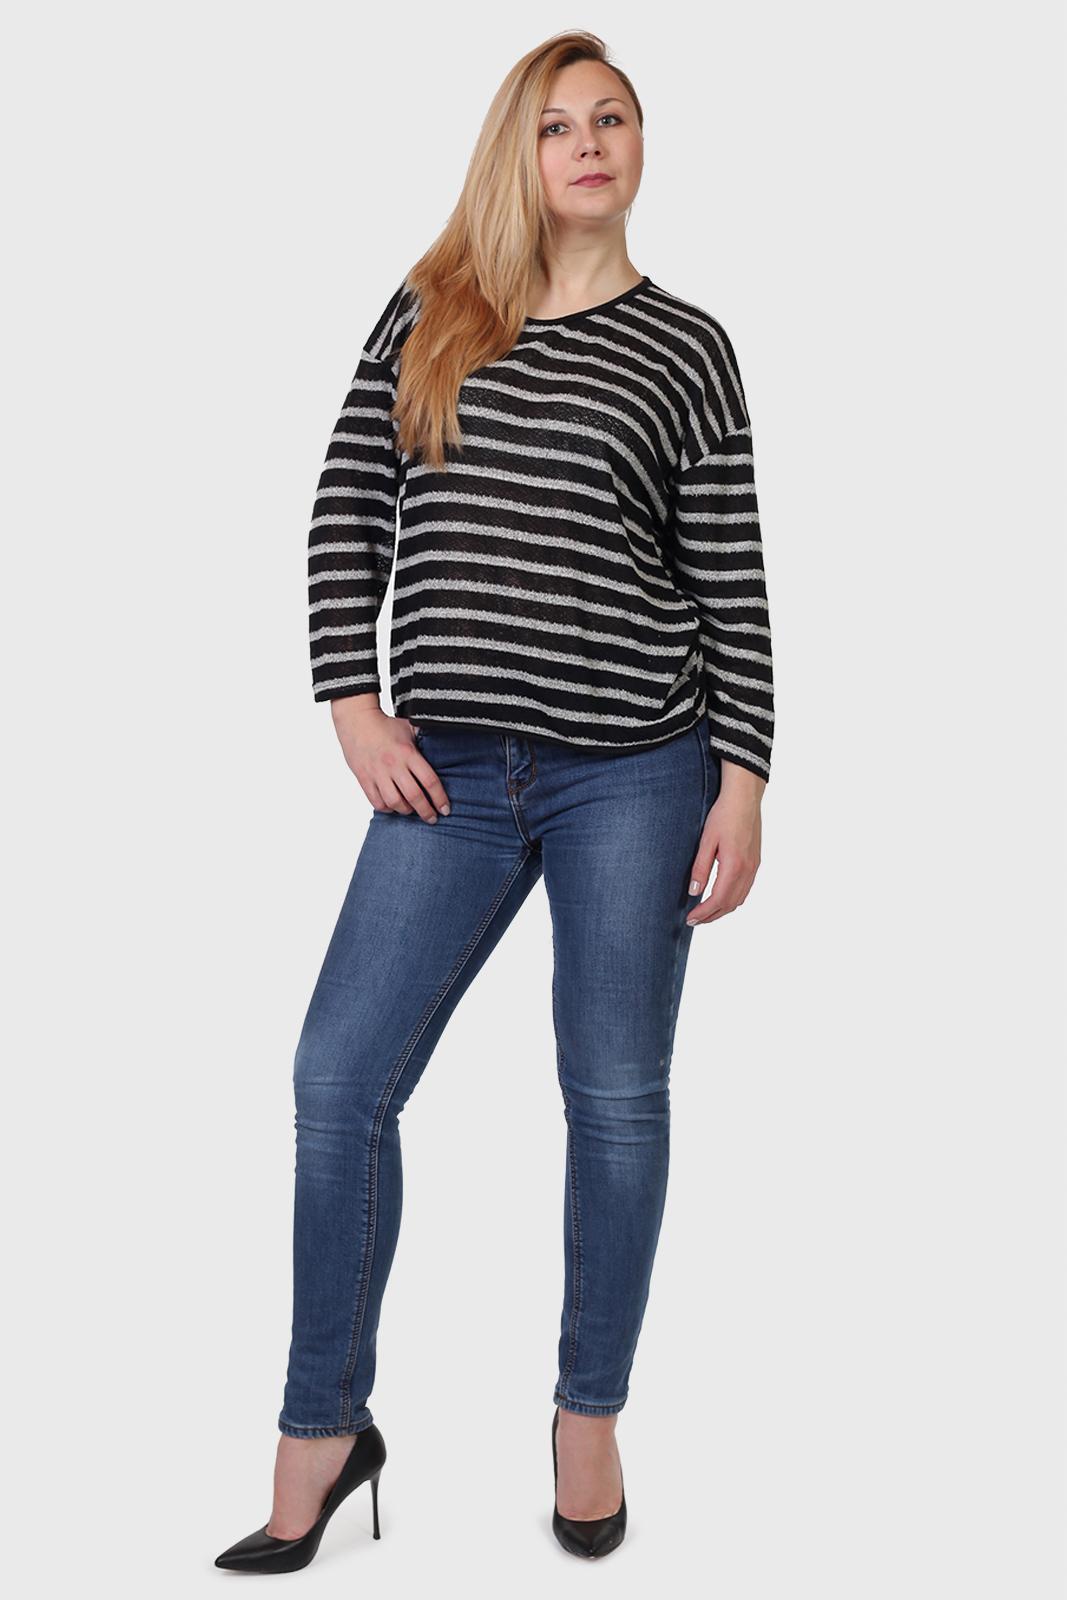 Купить полосатый женский свитер в интернет магазине